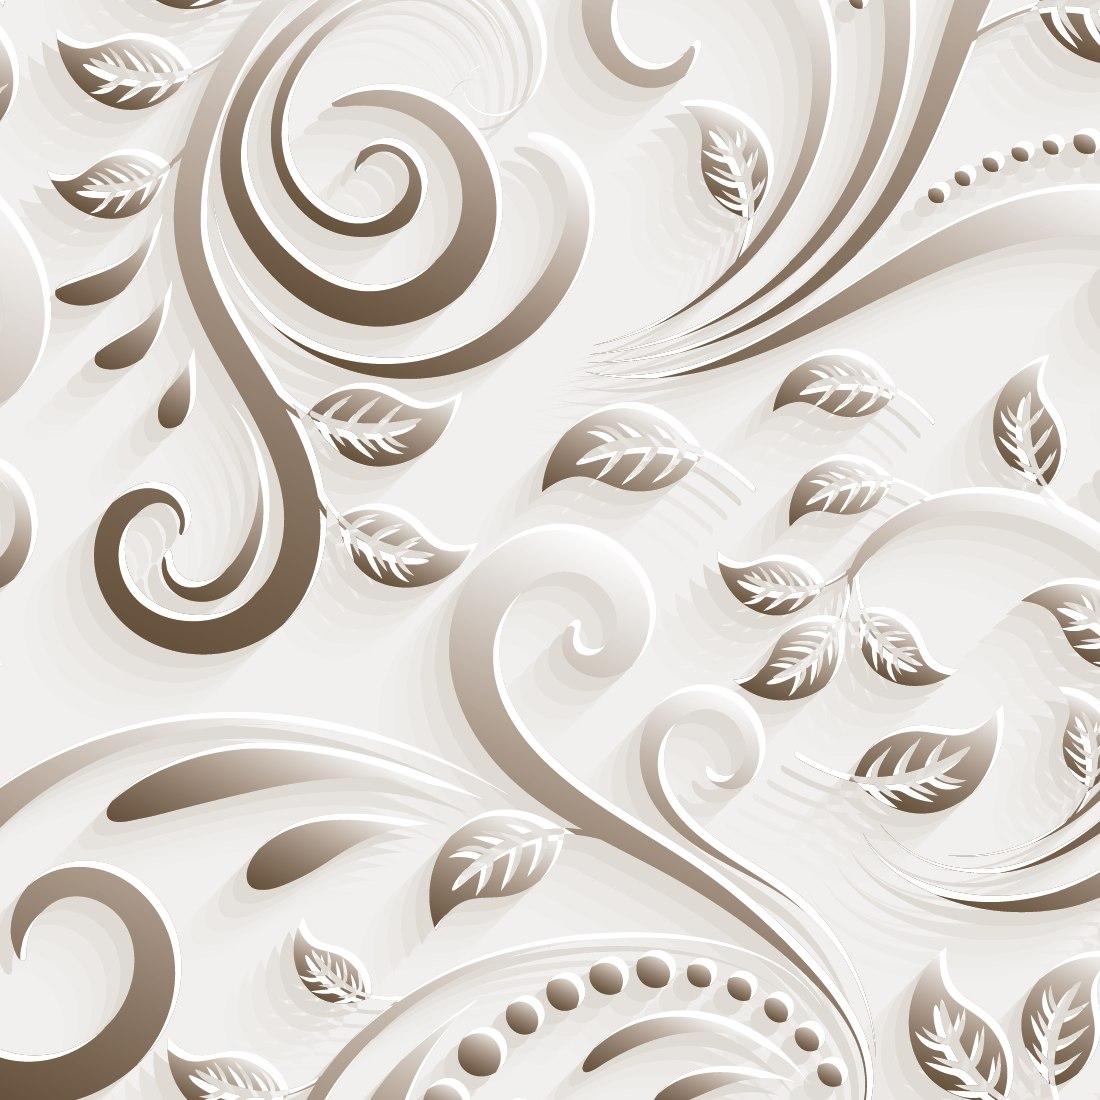 Papel parede floral efeito 3d v rias cores 103x305cm r 148 50 em mercado livre - Papel para revestir paredes ...